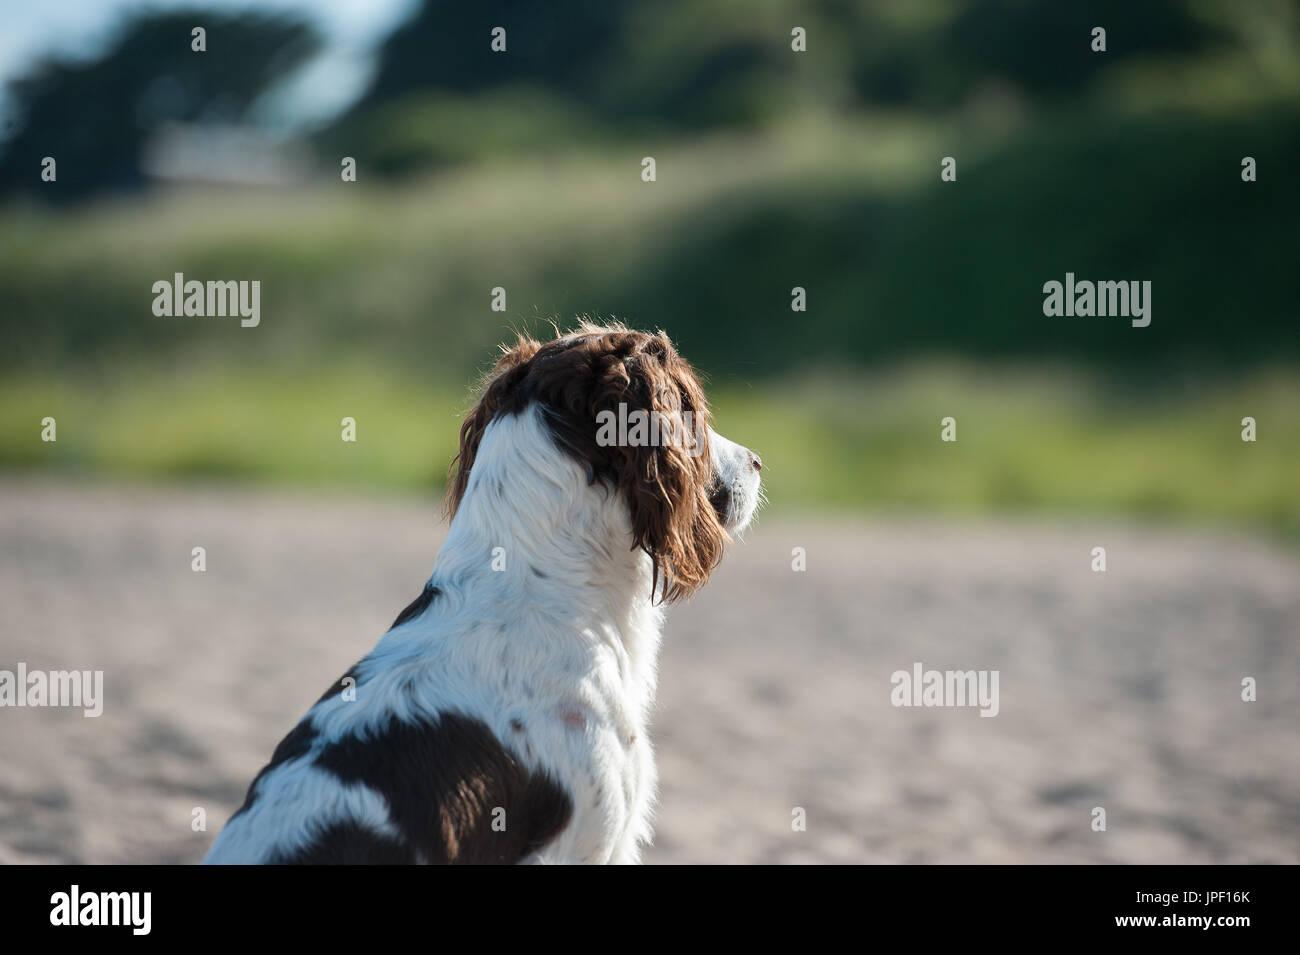 Springer spaniel on beach - Stock Image